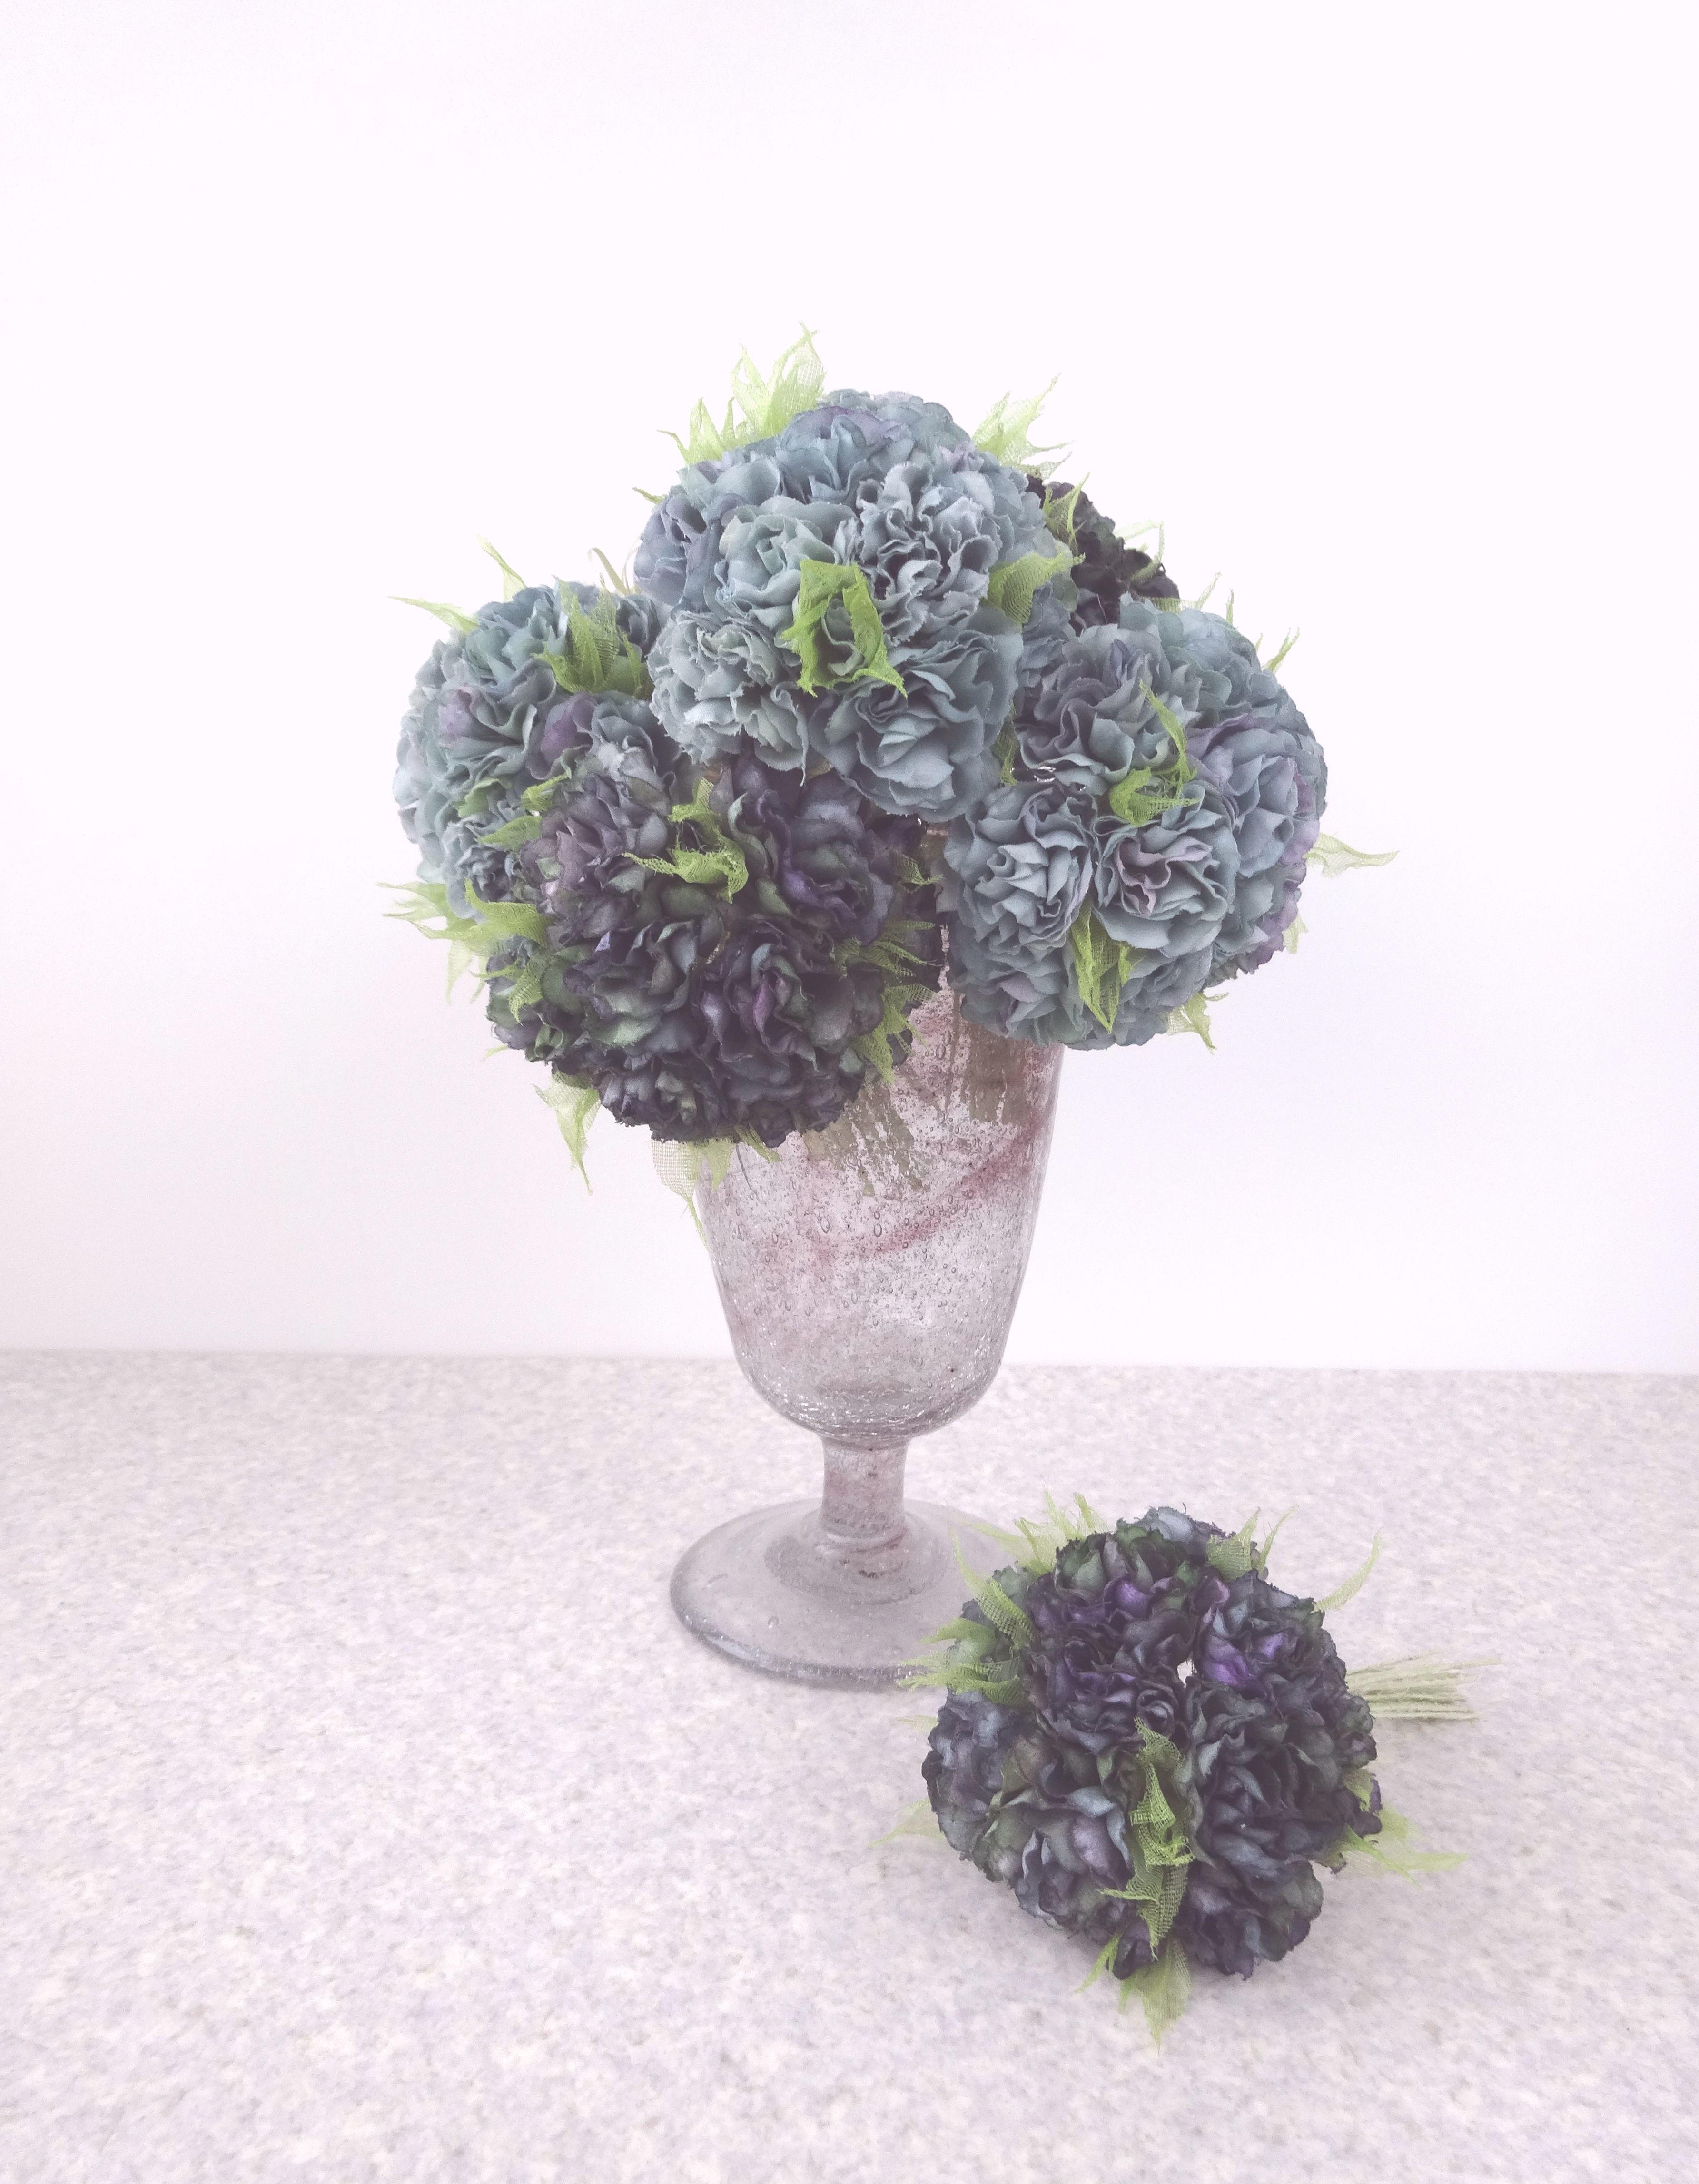 フリル小花のポンポン カーネーション風 ミッドナイト ブルー * 綿ローン製 * コサージュ